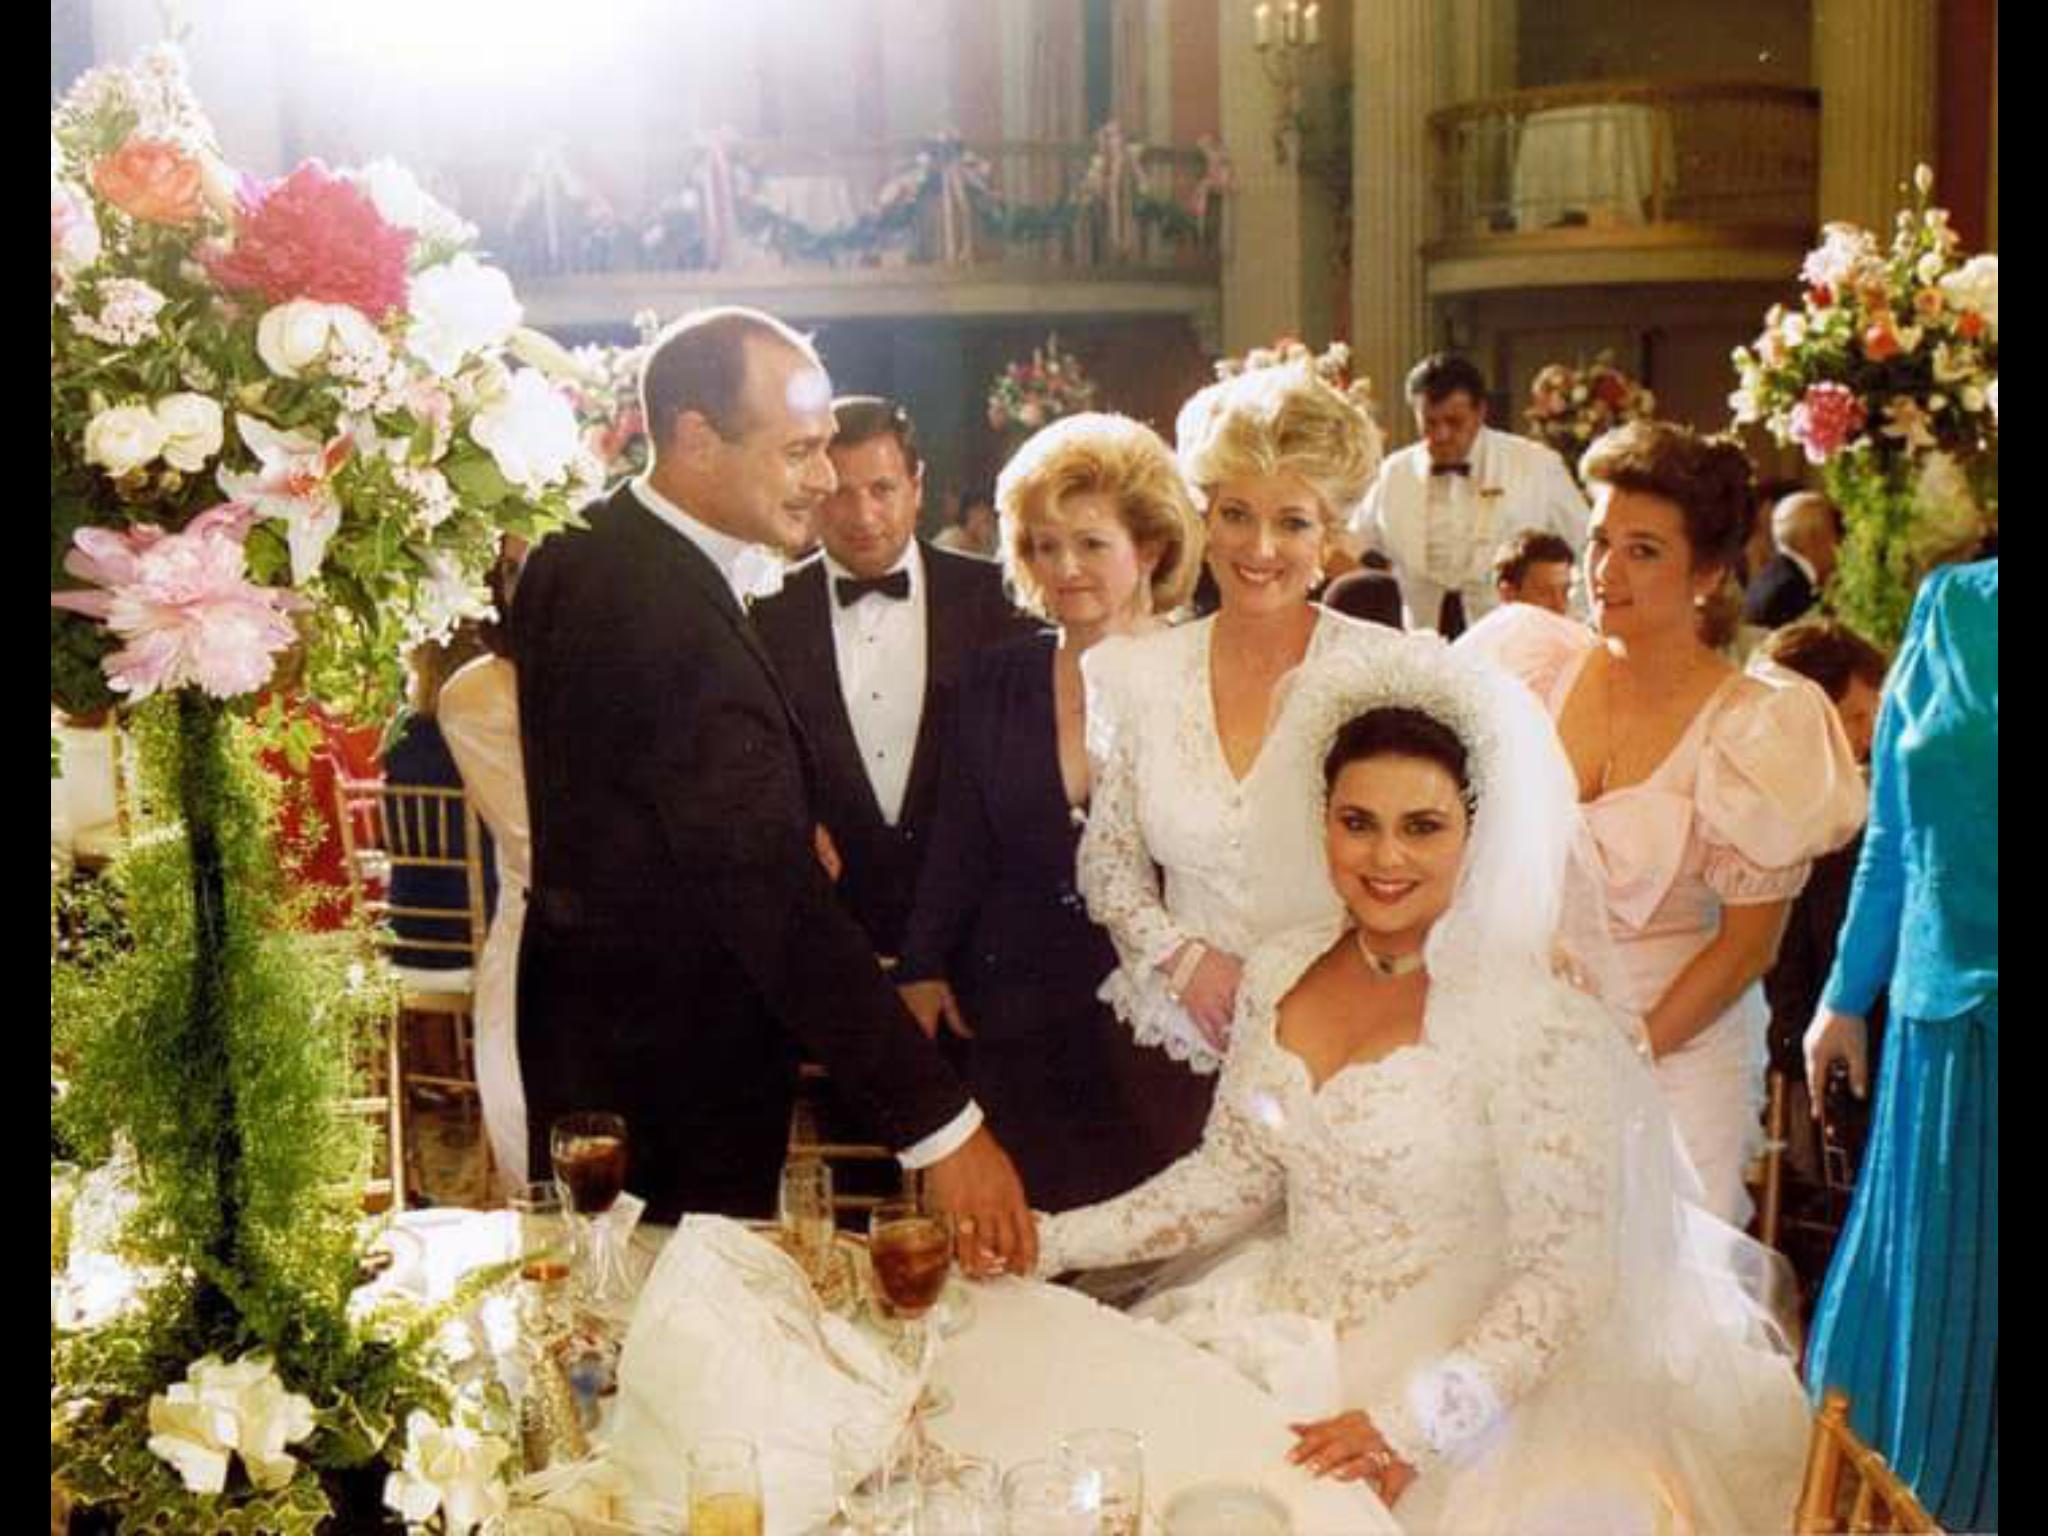 Delta Burke Gerald Mcraney May 28th 1989 Retro Bride Celebrity Weddings Designing Women Gilliland was born in fort worth, texas. delta burke gerald mcraney may 28th